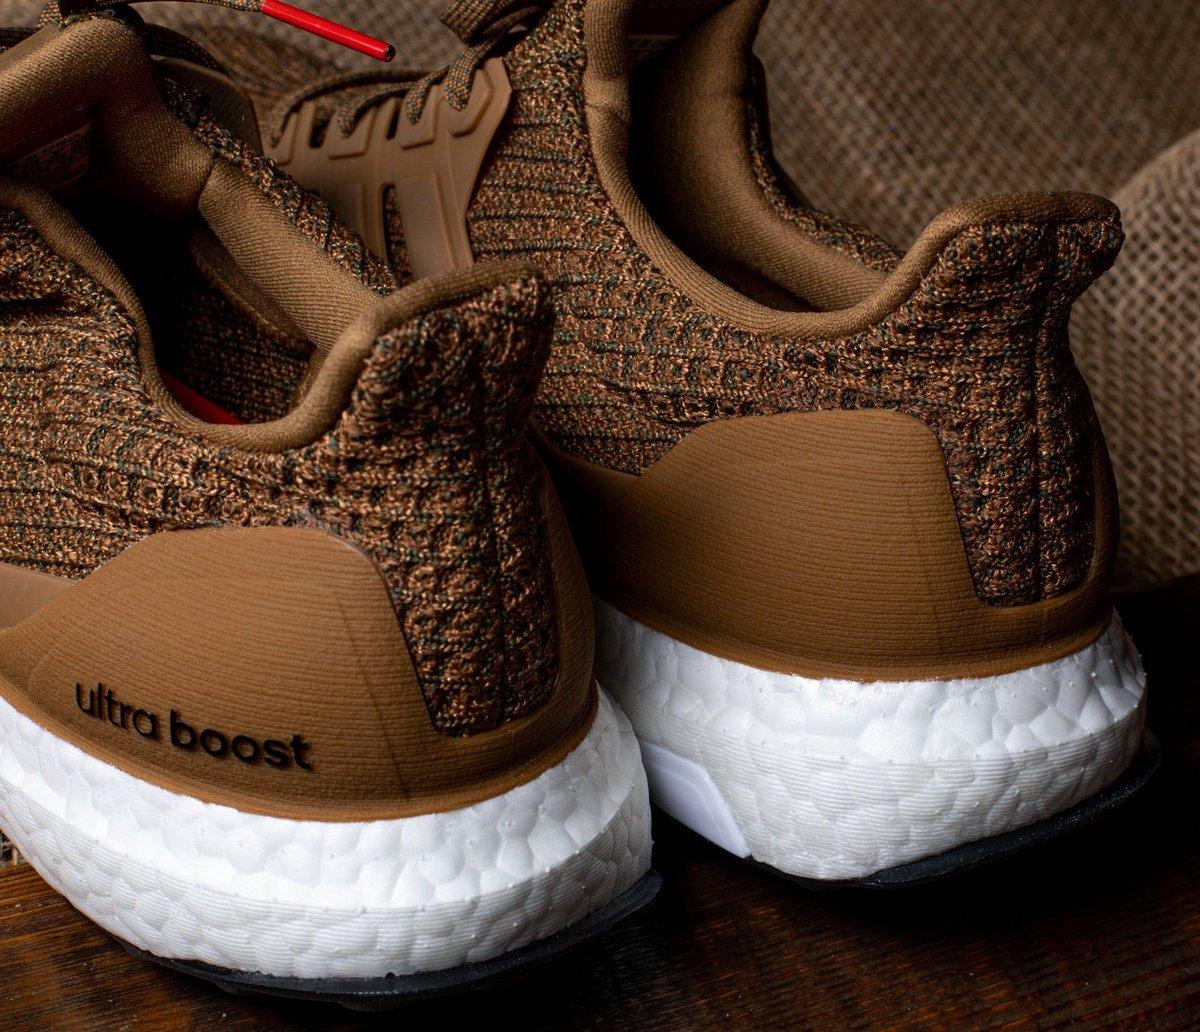 b510af98abbf6 Sneaker Shouts™ on Twitter